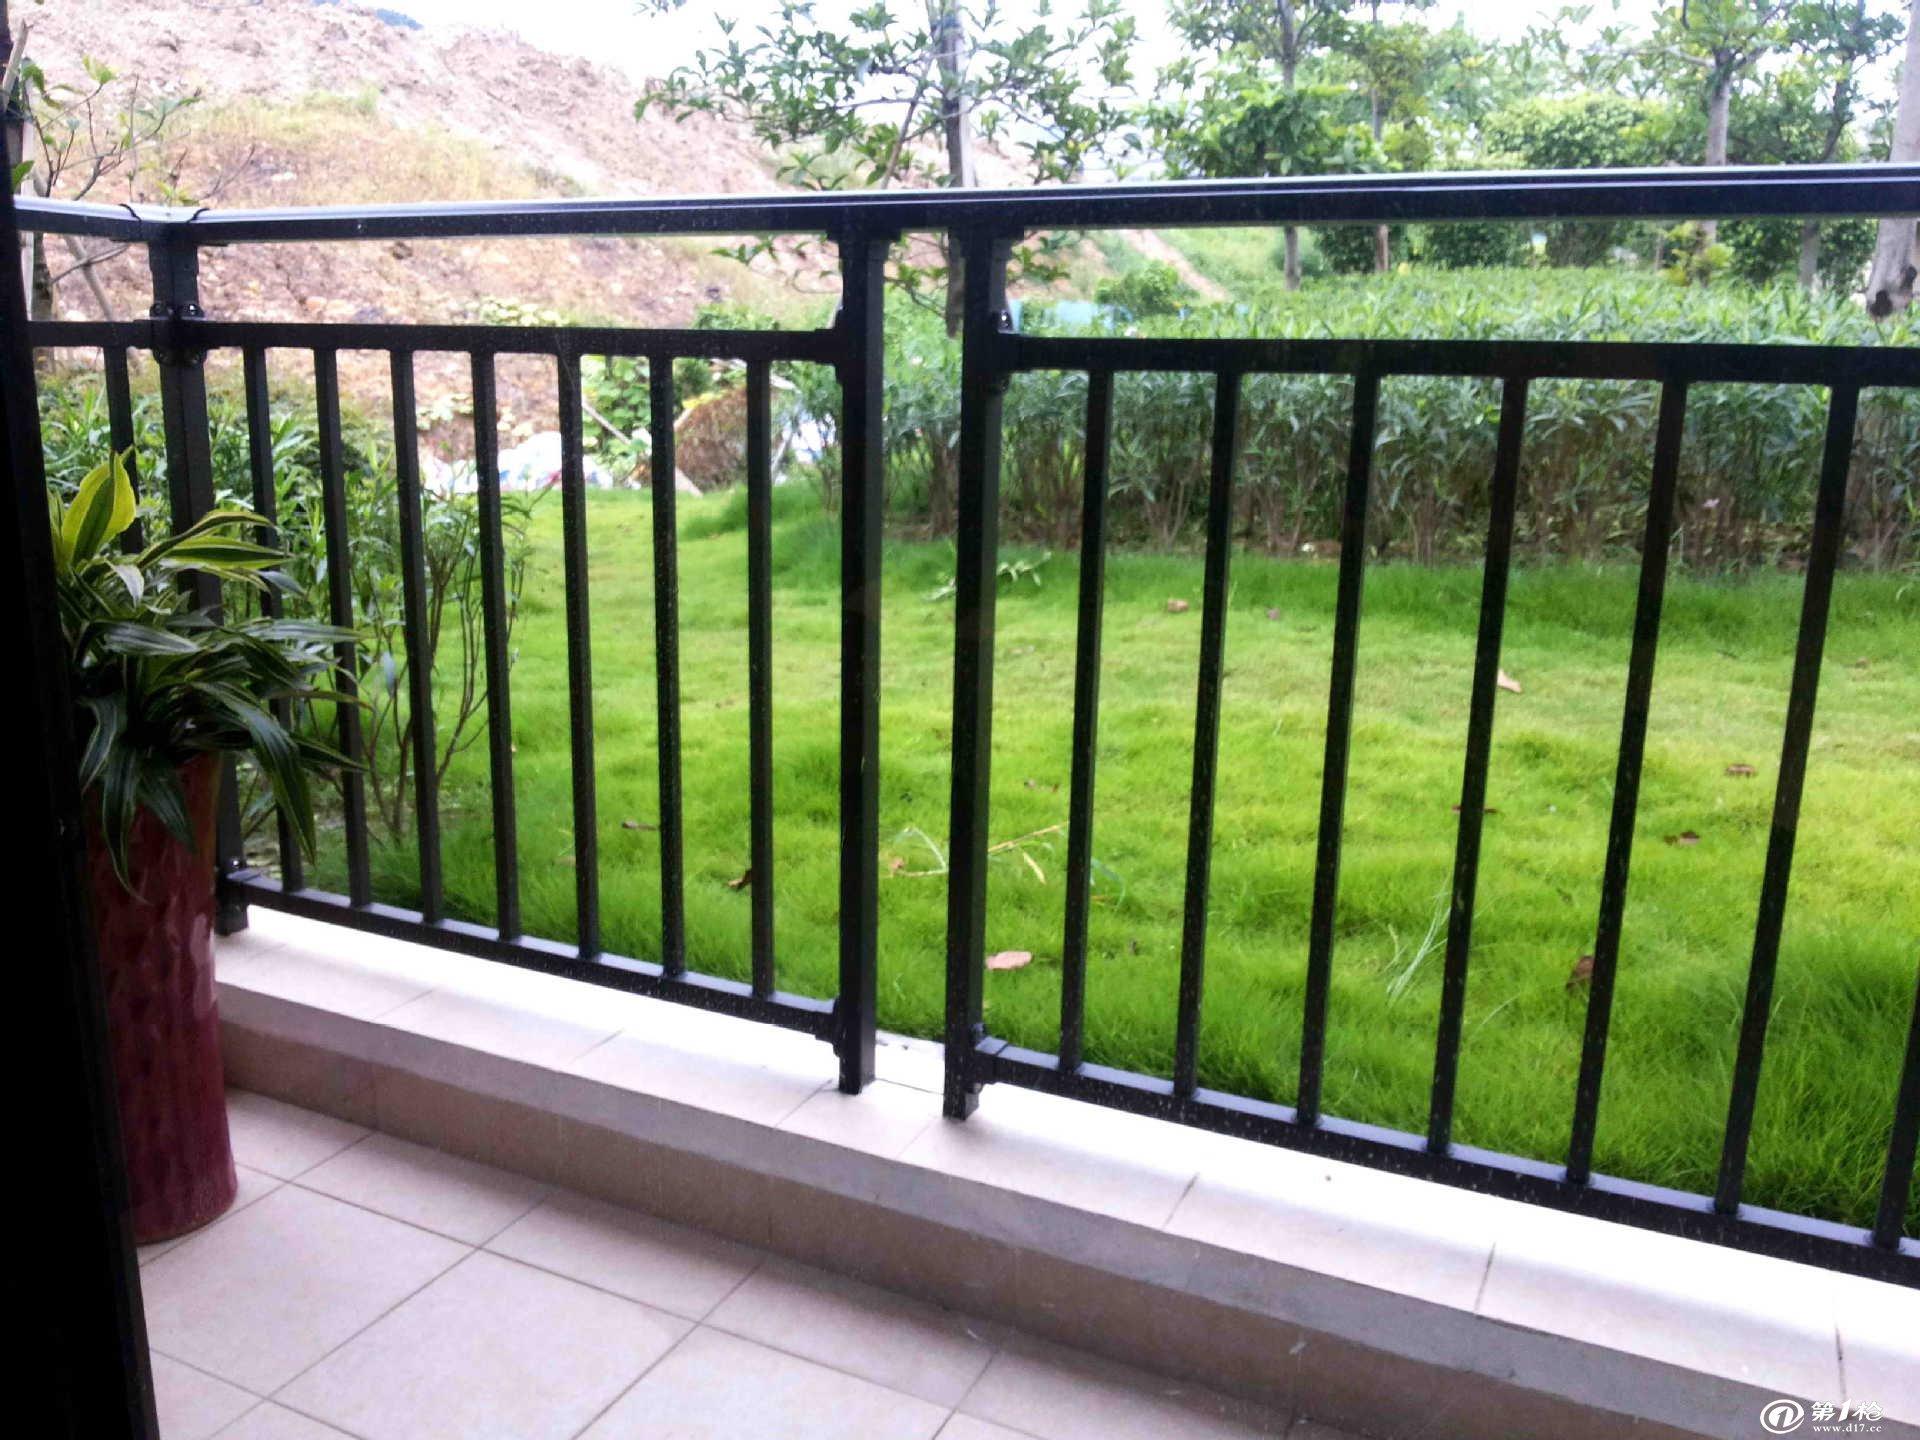 护栏,楼梯扶手,阳台栏杆,道路护栏,外墙围栏,装饰百叶,防护窗,配件,铁